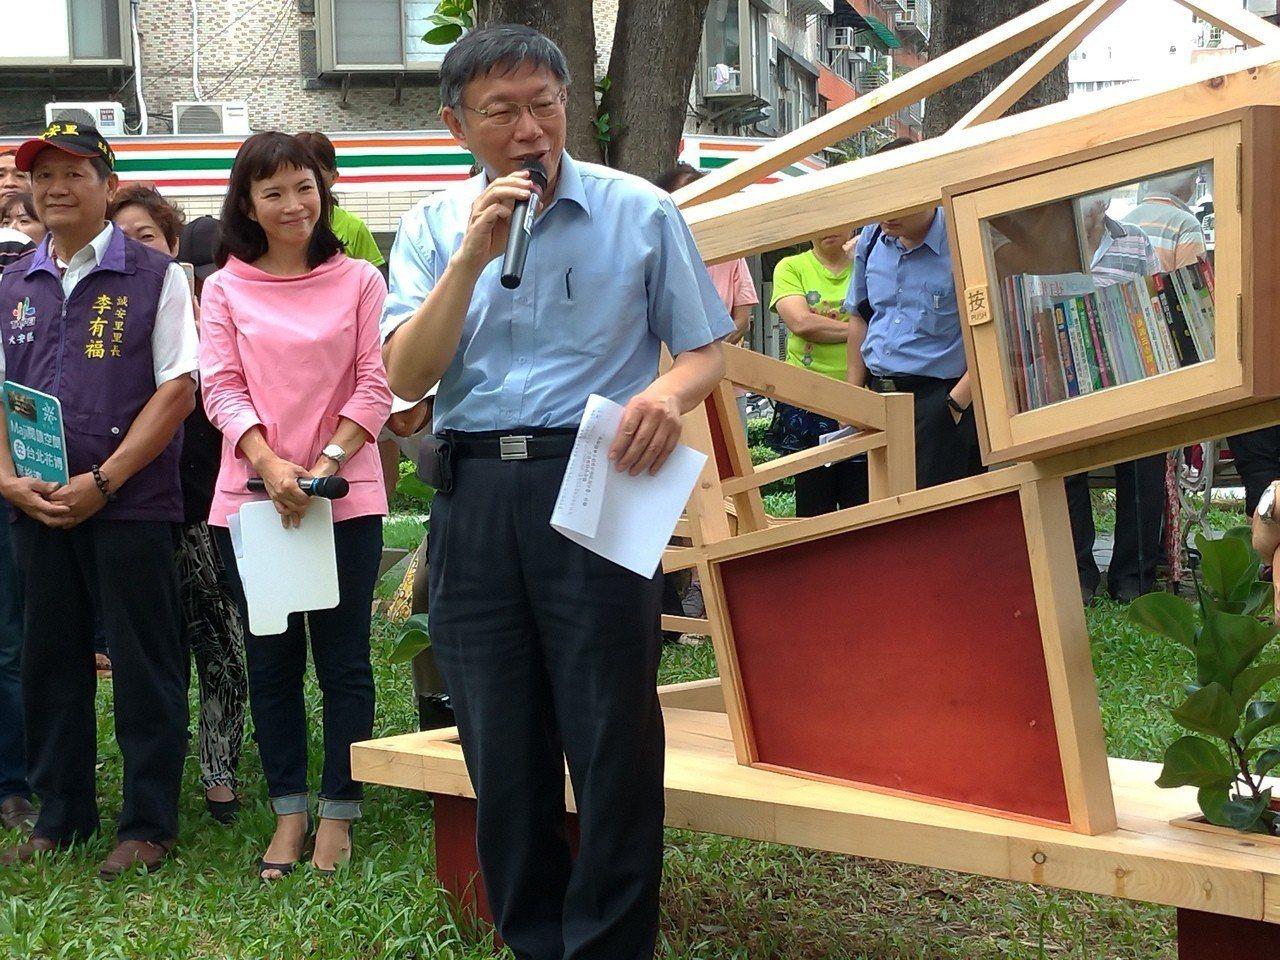 台北市長柯文哲參加大安公園書席揭幕。記者莊琇閔/攝影